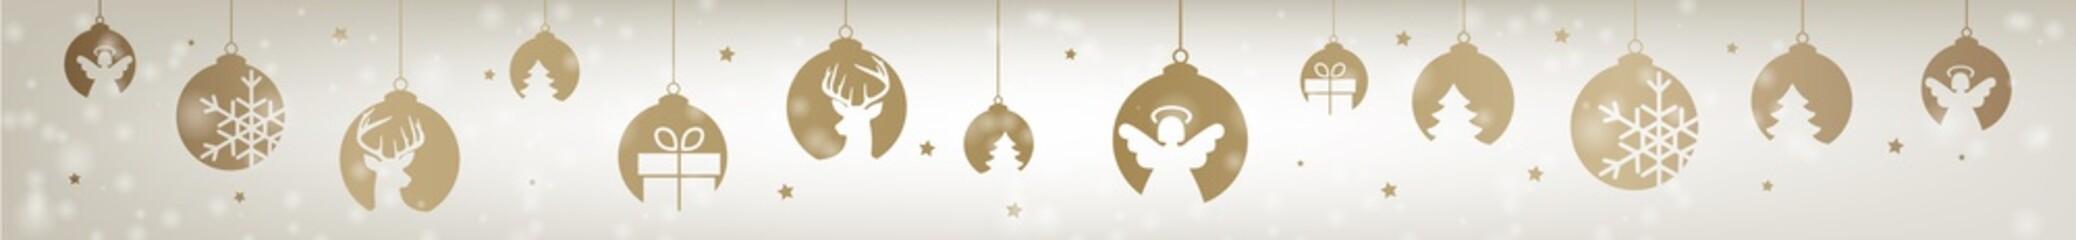 Banner Weihnachten gold Christbaumkugeln Header